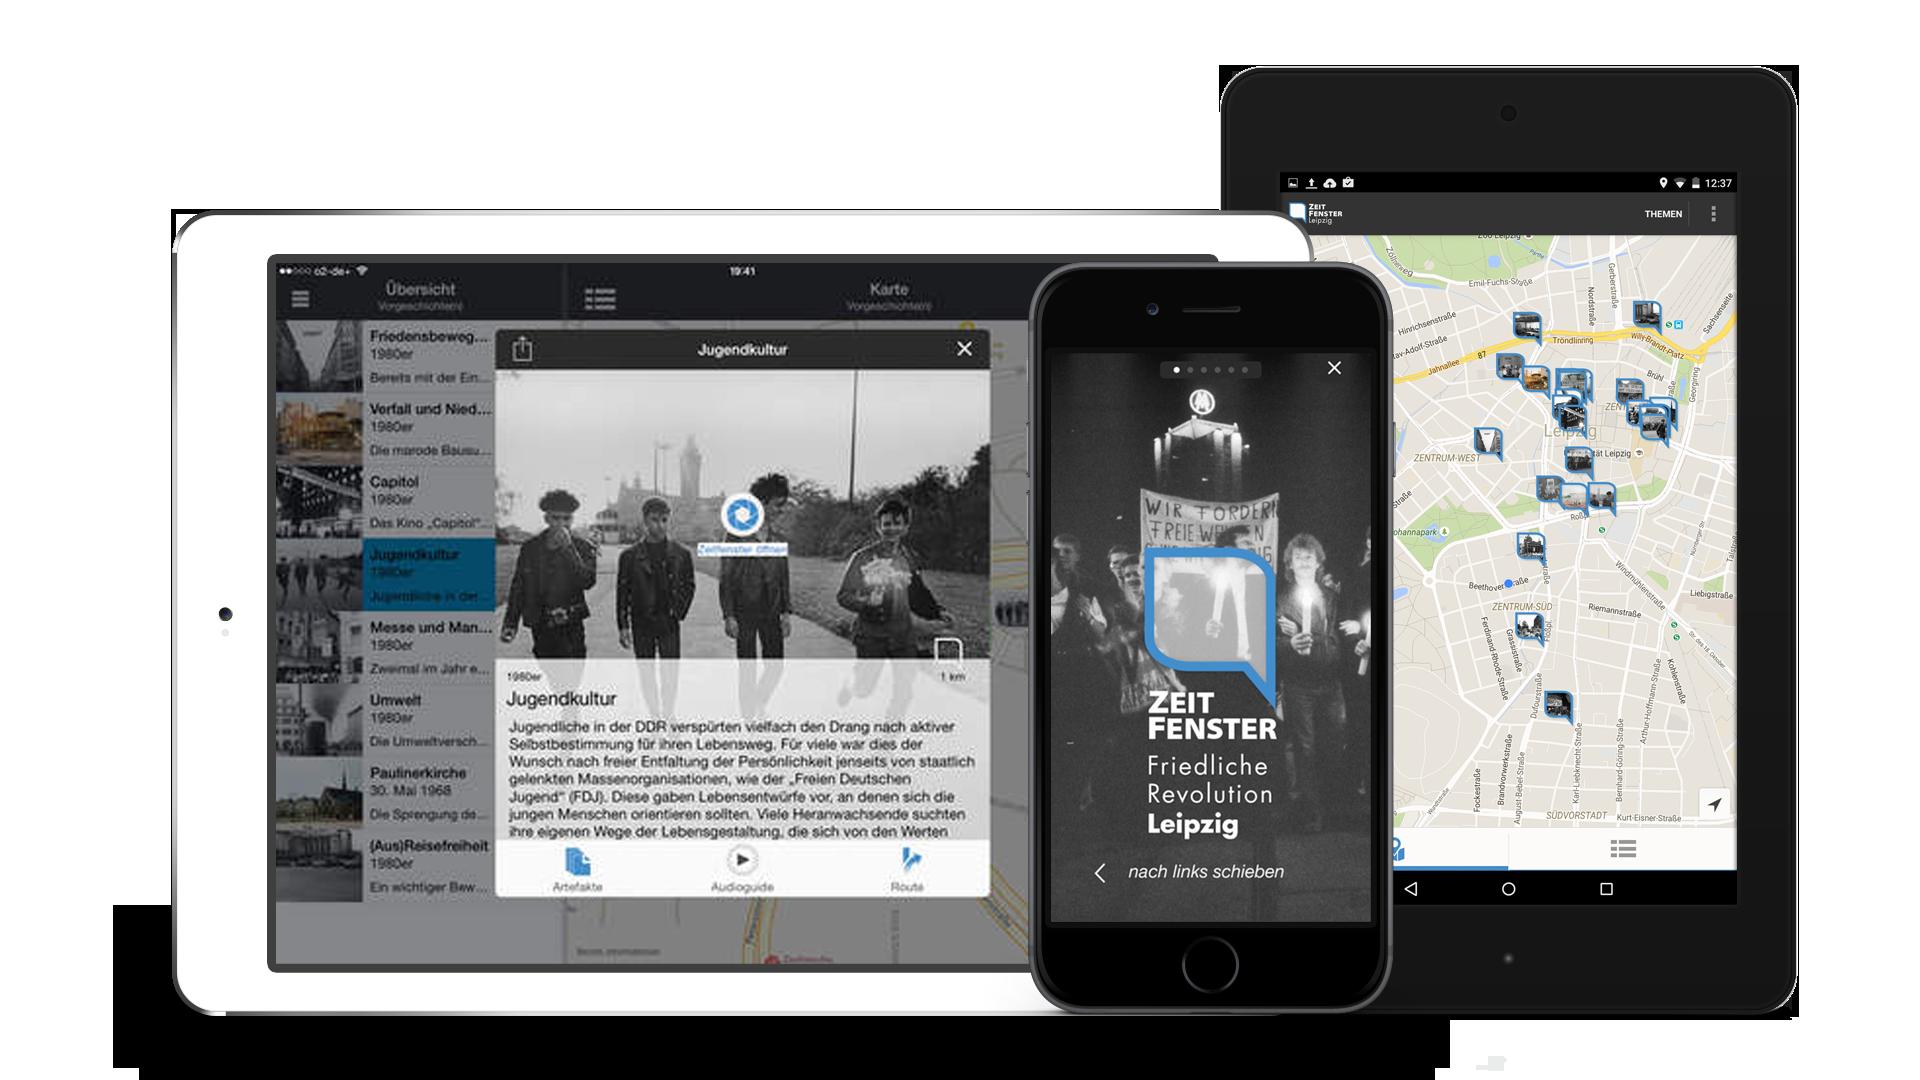 zeitfenster_friedliche_revolution_leipzig_android_ios_app